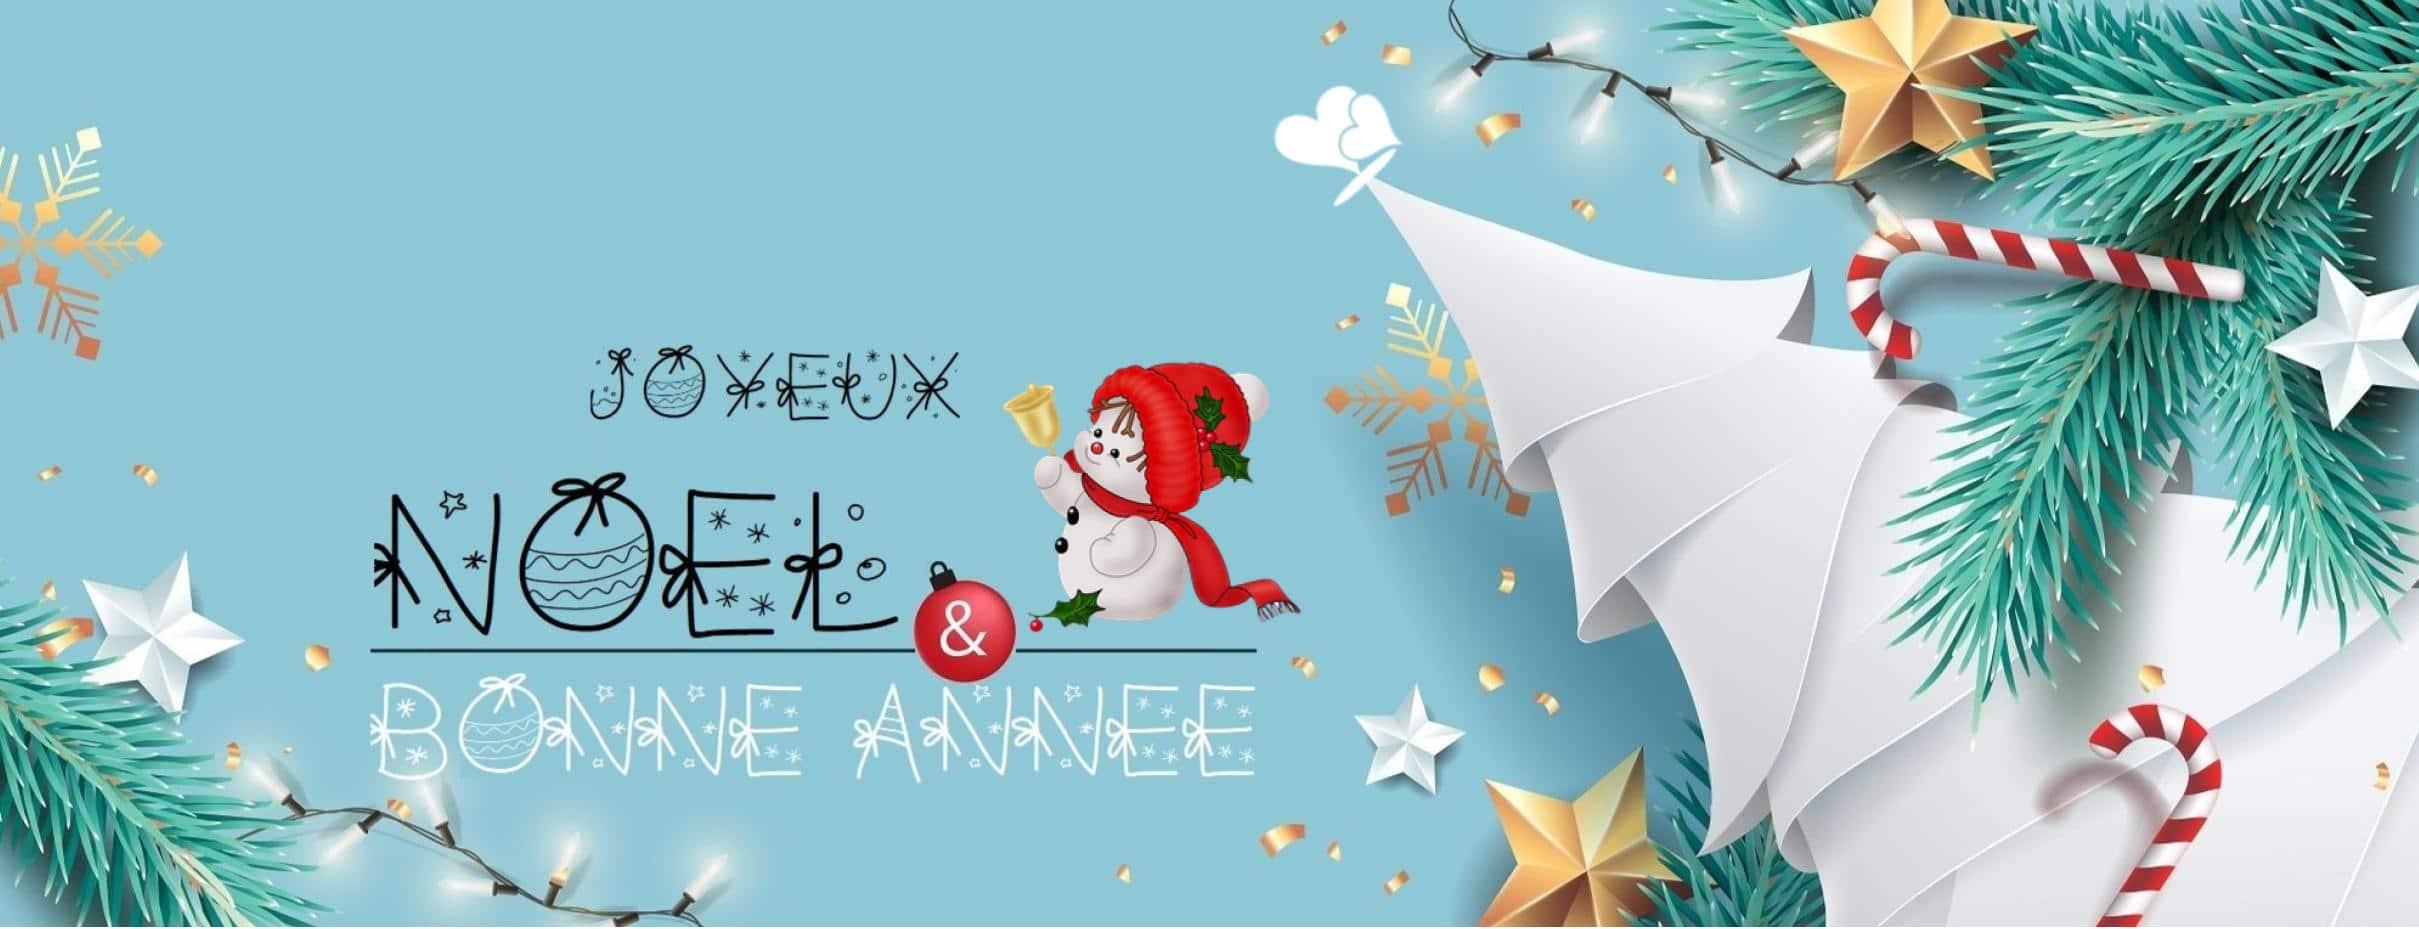 50 Cartes De Joyeux Noel Et Bonne Annee 2021 Poesie D Amour